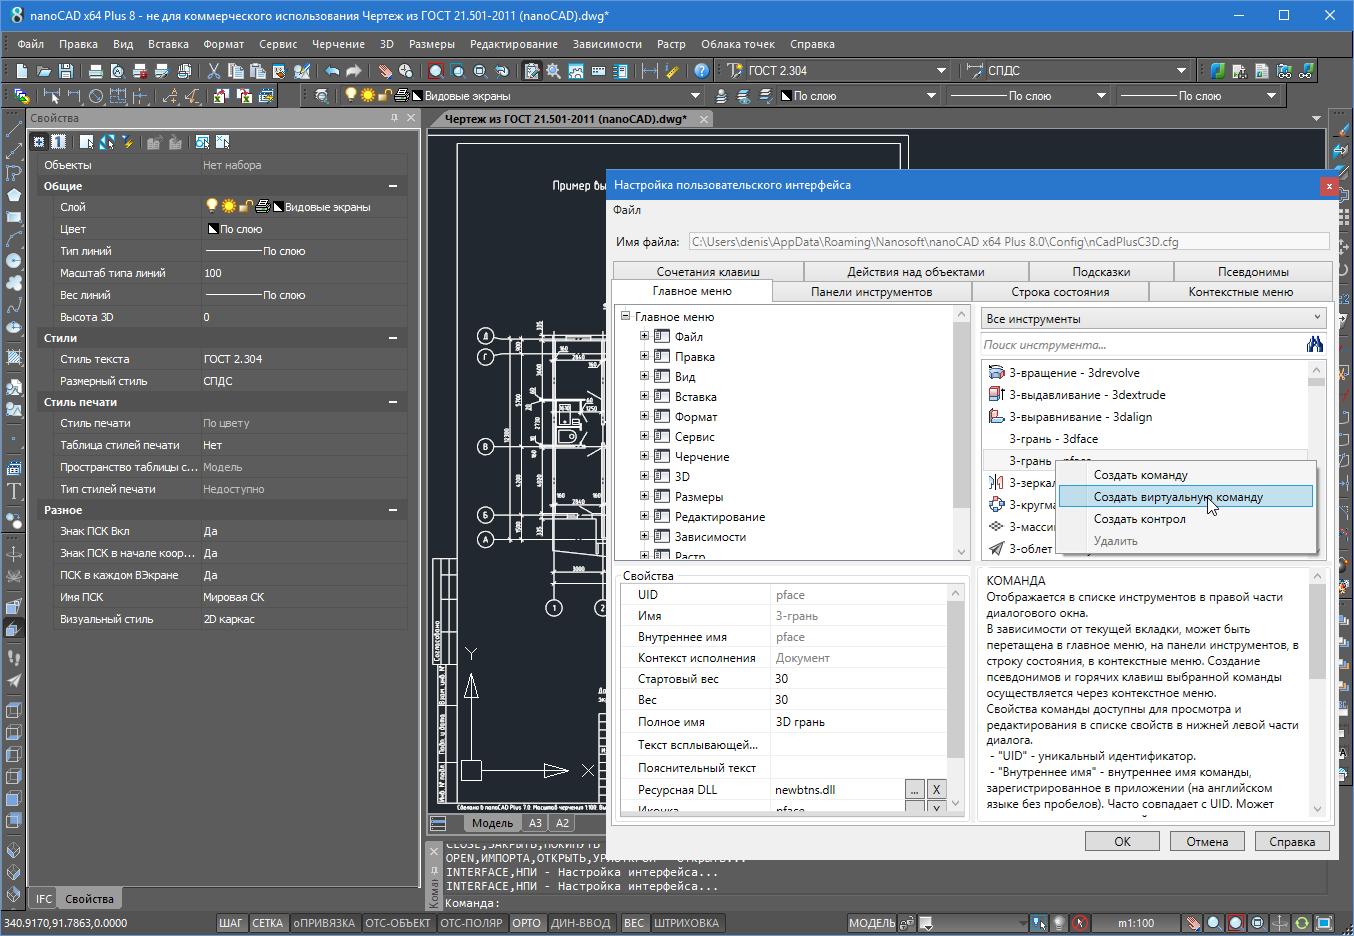 nanoCAD Plus 8.1: что ожидает пользователя в новой версии российской САПР-платформы? - 4